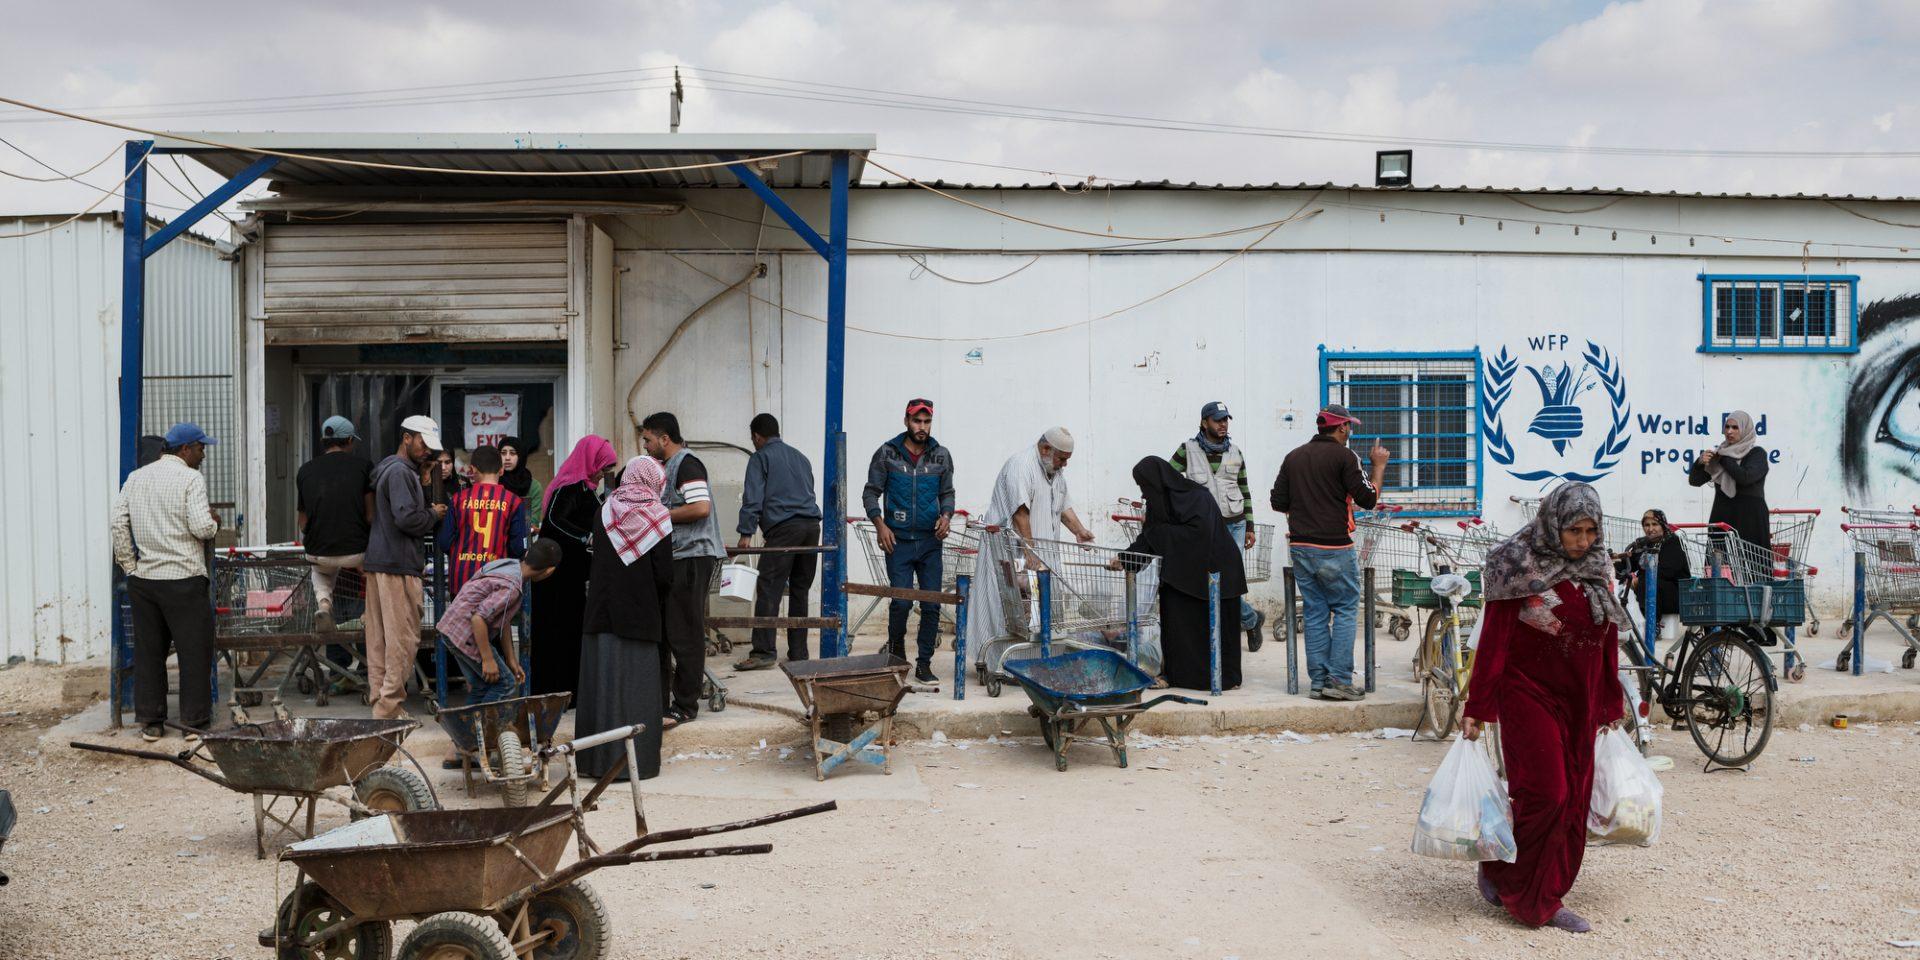 Människor utanför en av de två mataffärerna i flyktinglägret Zaatari i Jordanien.